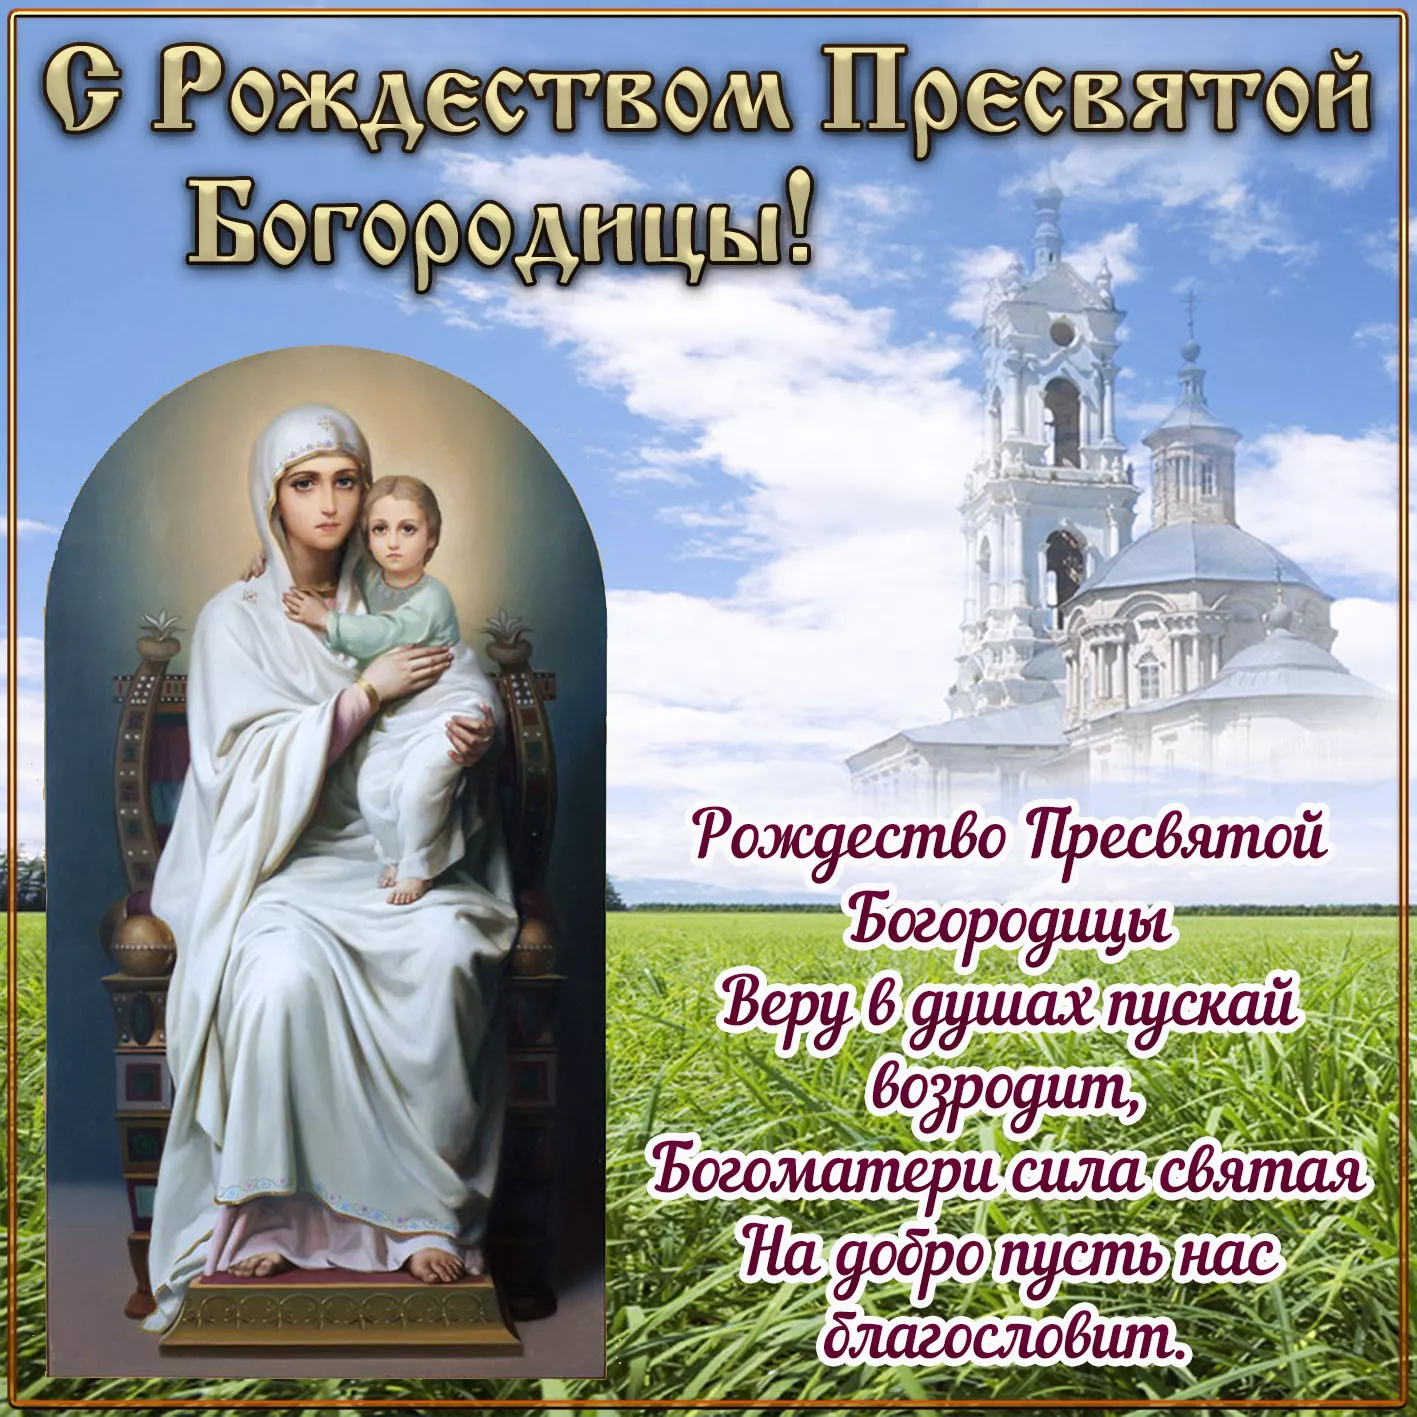 Пожелания в Рождество Пресвятой Богородицы